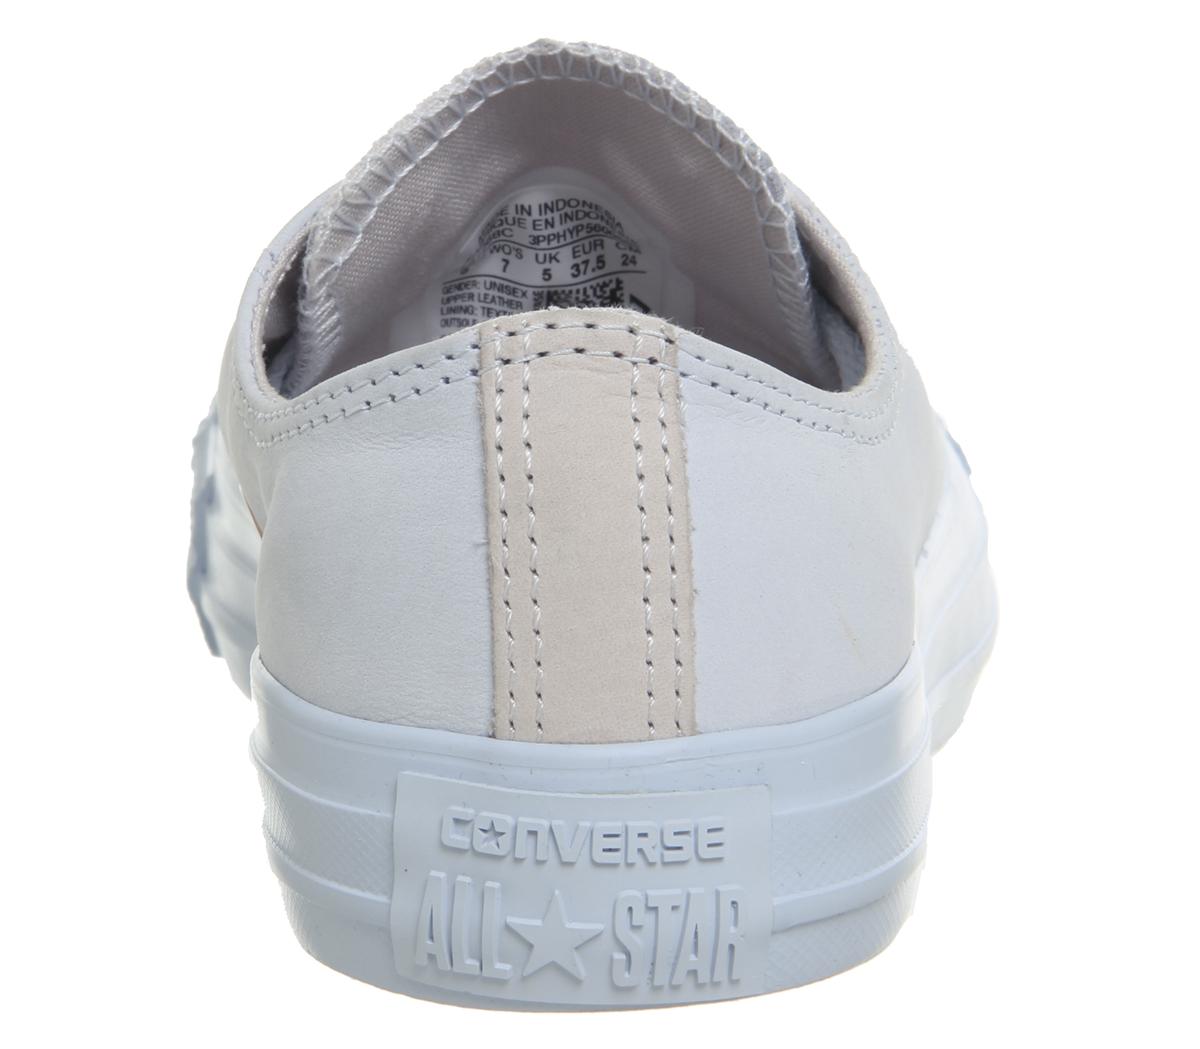 Womens Converse All Star Low Leather Trainers Blue Tint Pale Quartz ... c6310e52d5d6